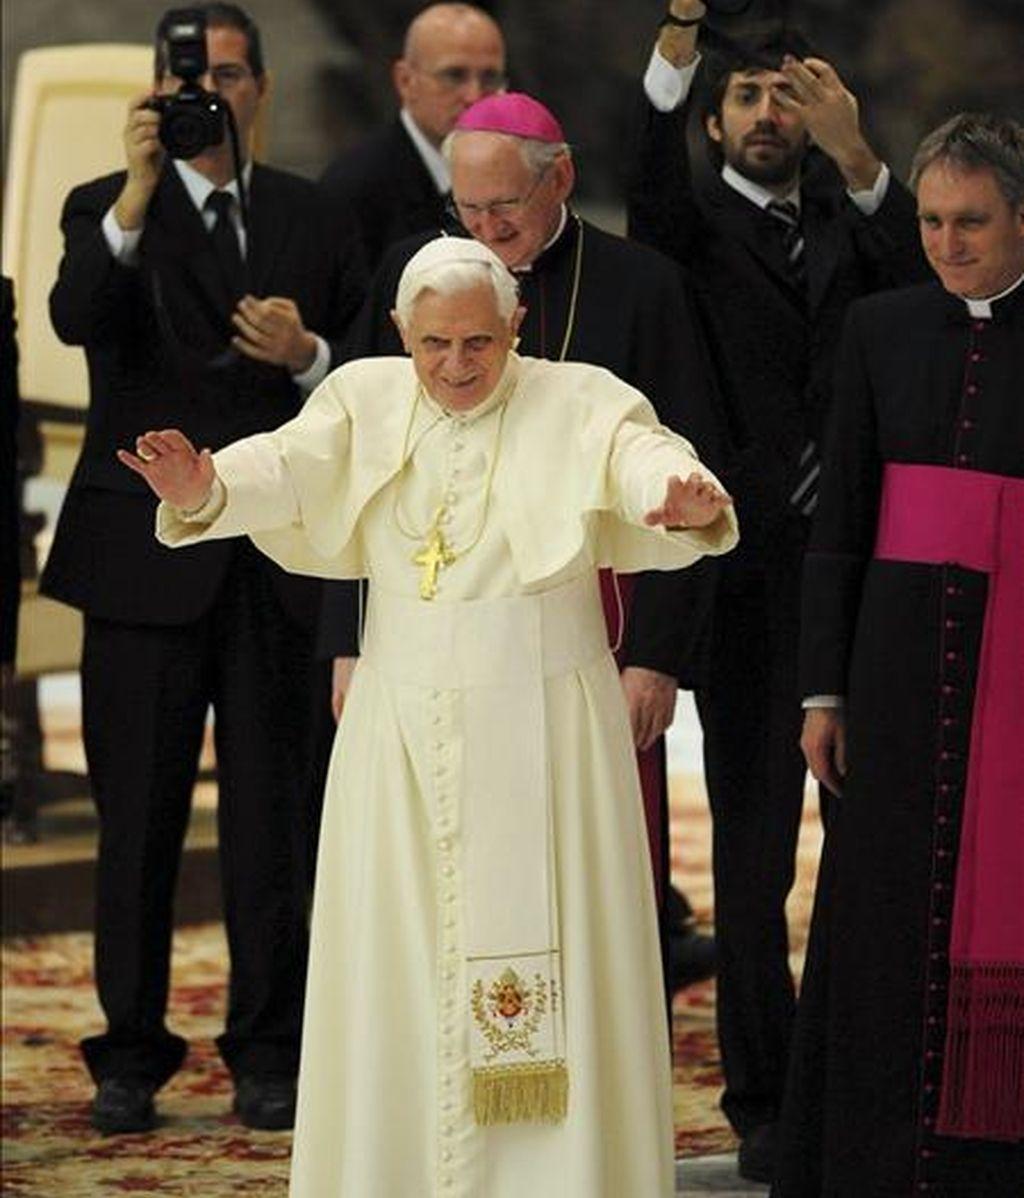 El Papa Benedicto XVI saluda a los peregrinos al comienzo de la audiencia general de los miércoles, celebrada en el salón Nervi del Vaticano, el 4 de febrero. Benedicto XVI hizo hoy un llamamiento para que cesen los combates en Sri Lanka, se respeten los derechos humanos, se garanticen las necesidades alimentarias y médicas de la población, así como la libertad de movimiento. En los últimos días se han registrado violentos combates en el norte de Sri Lanka entre el Ejército y la guerrilla tamil en los que han muerto por los menos 52 civiles. EFE